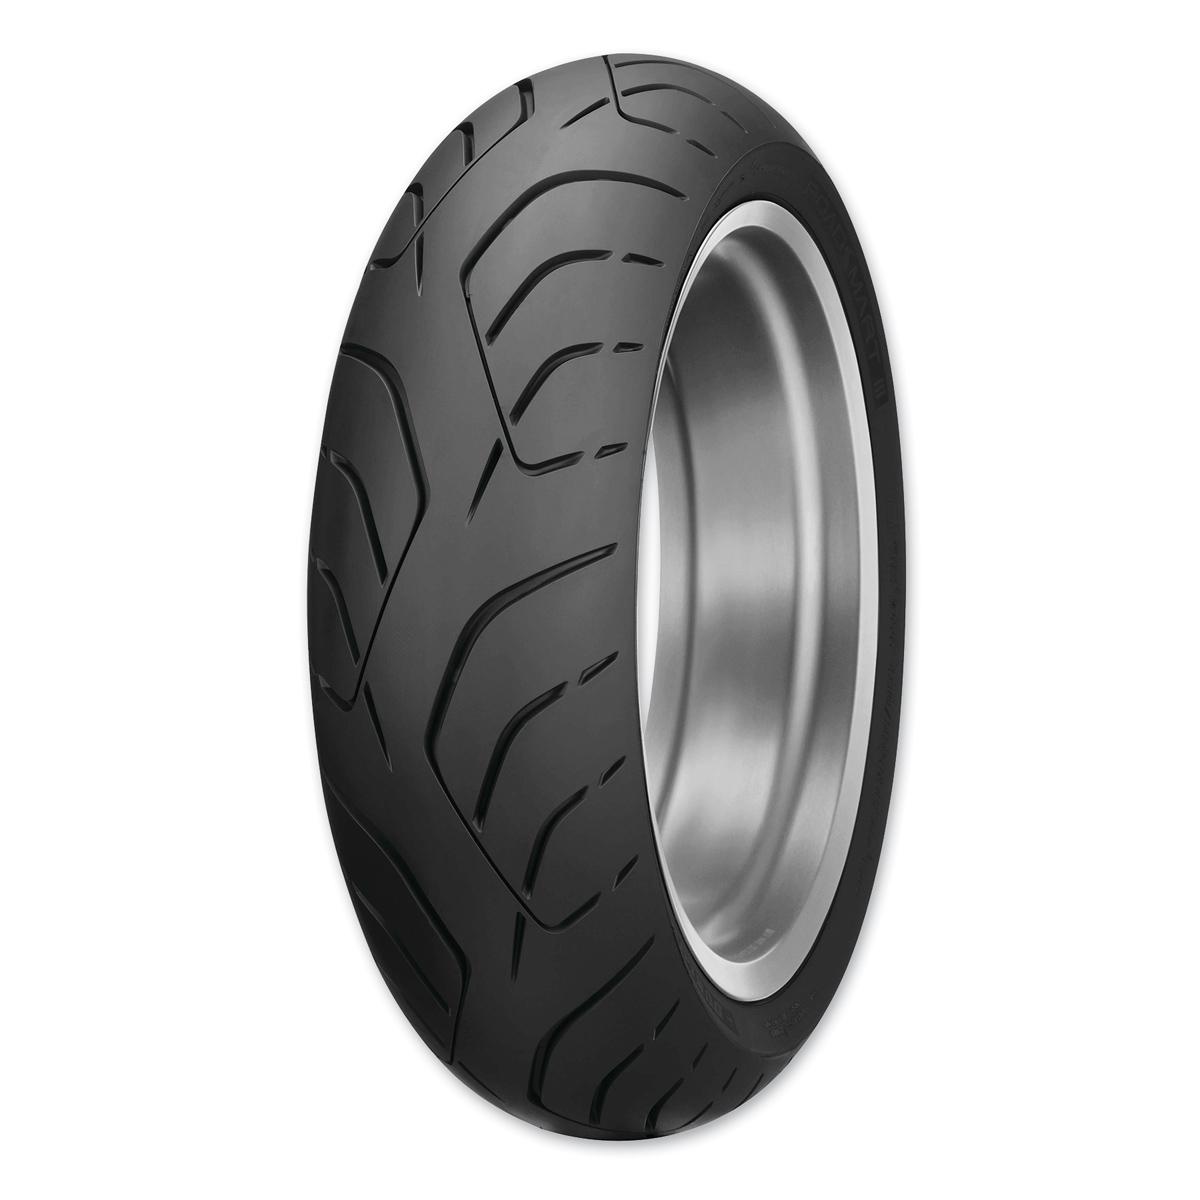 Dunlop Roadsmart III 160/60ZR17 Rear Tire